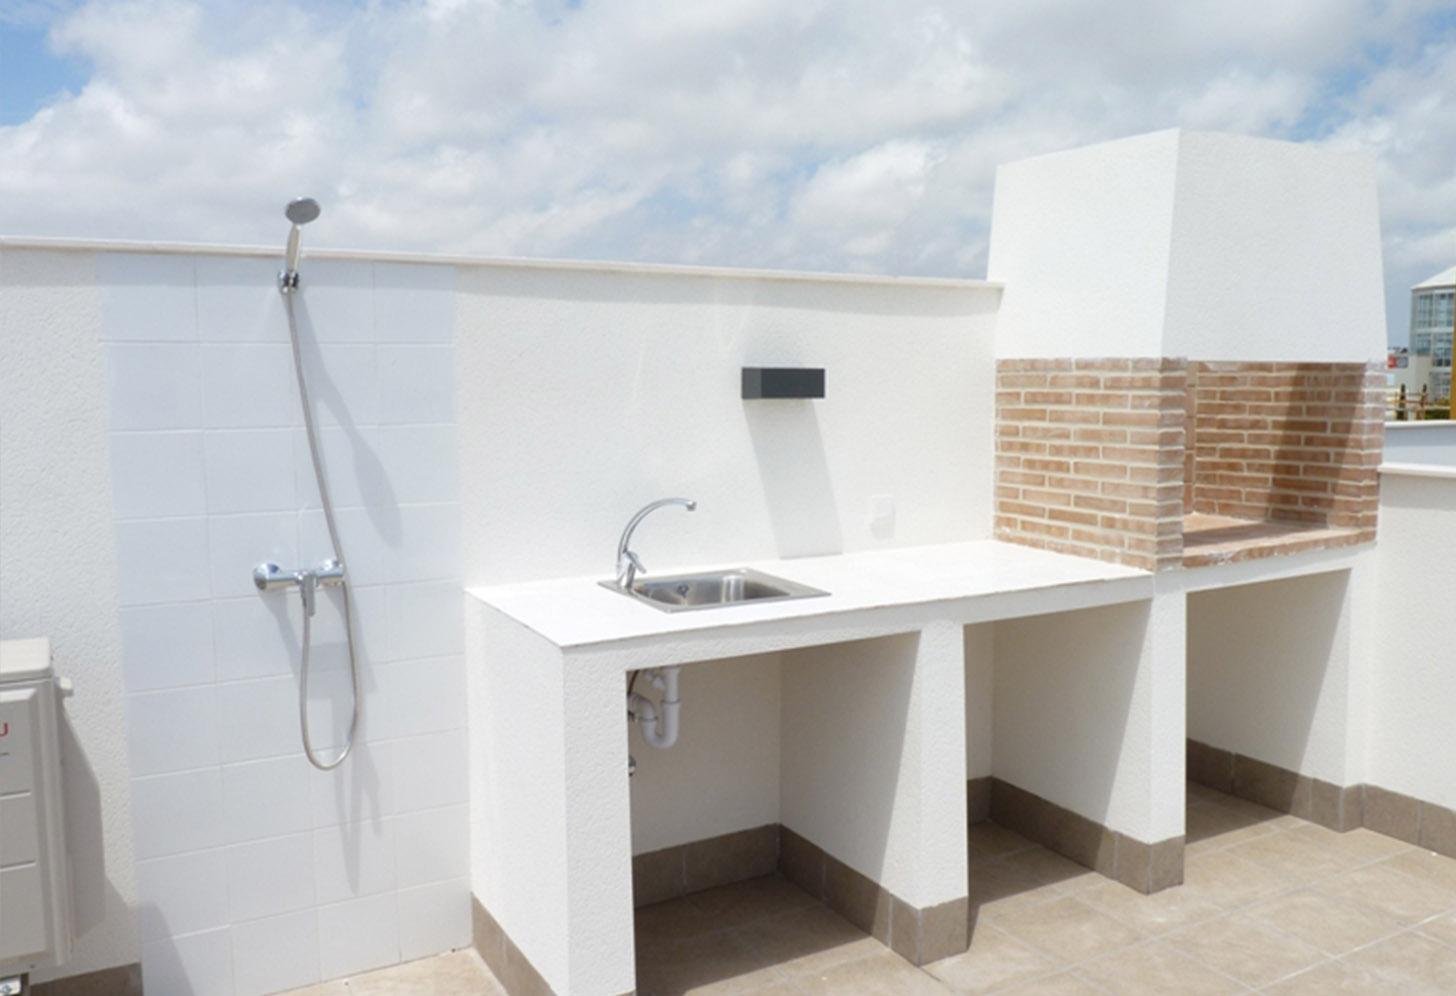 immobilier neuf espagne costa blanca on-n1 azucena del mar solarium